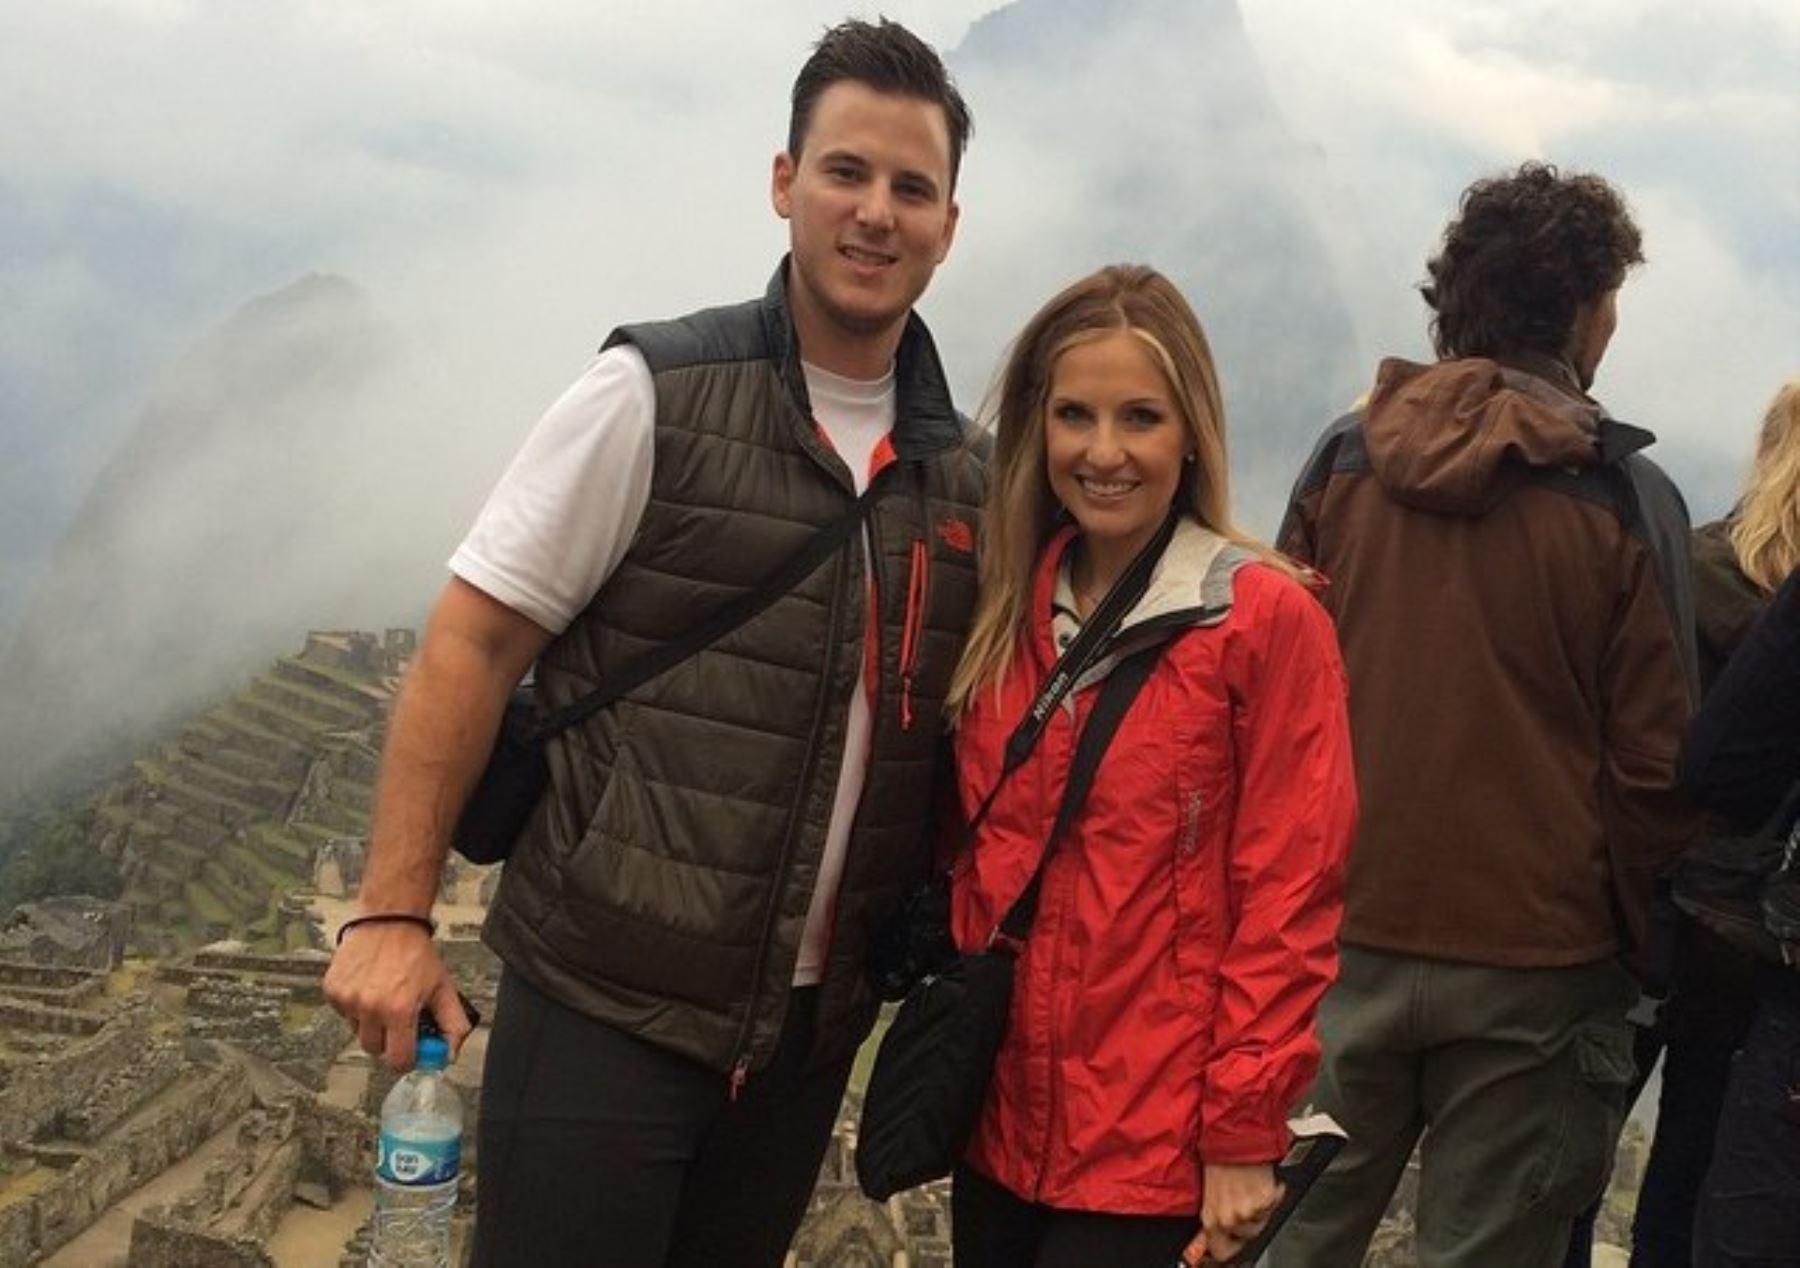 La periodista estadounidense Katherine Whaley, presentadora de KHOU TV, en Houston, Texas, visitó diversos atractivos turísticos del Perú.